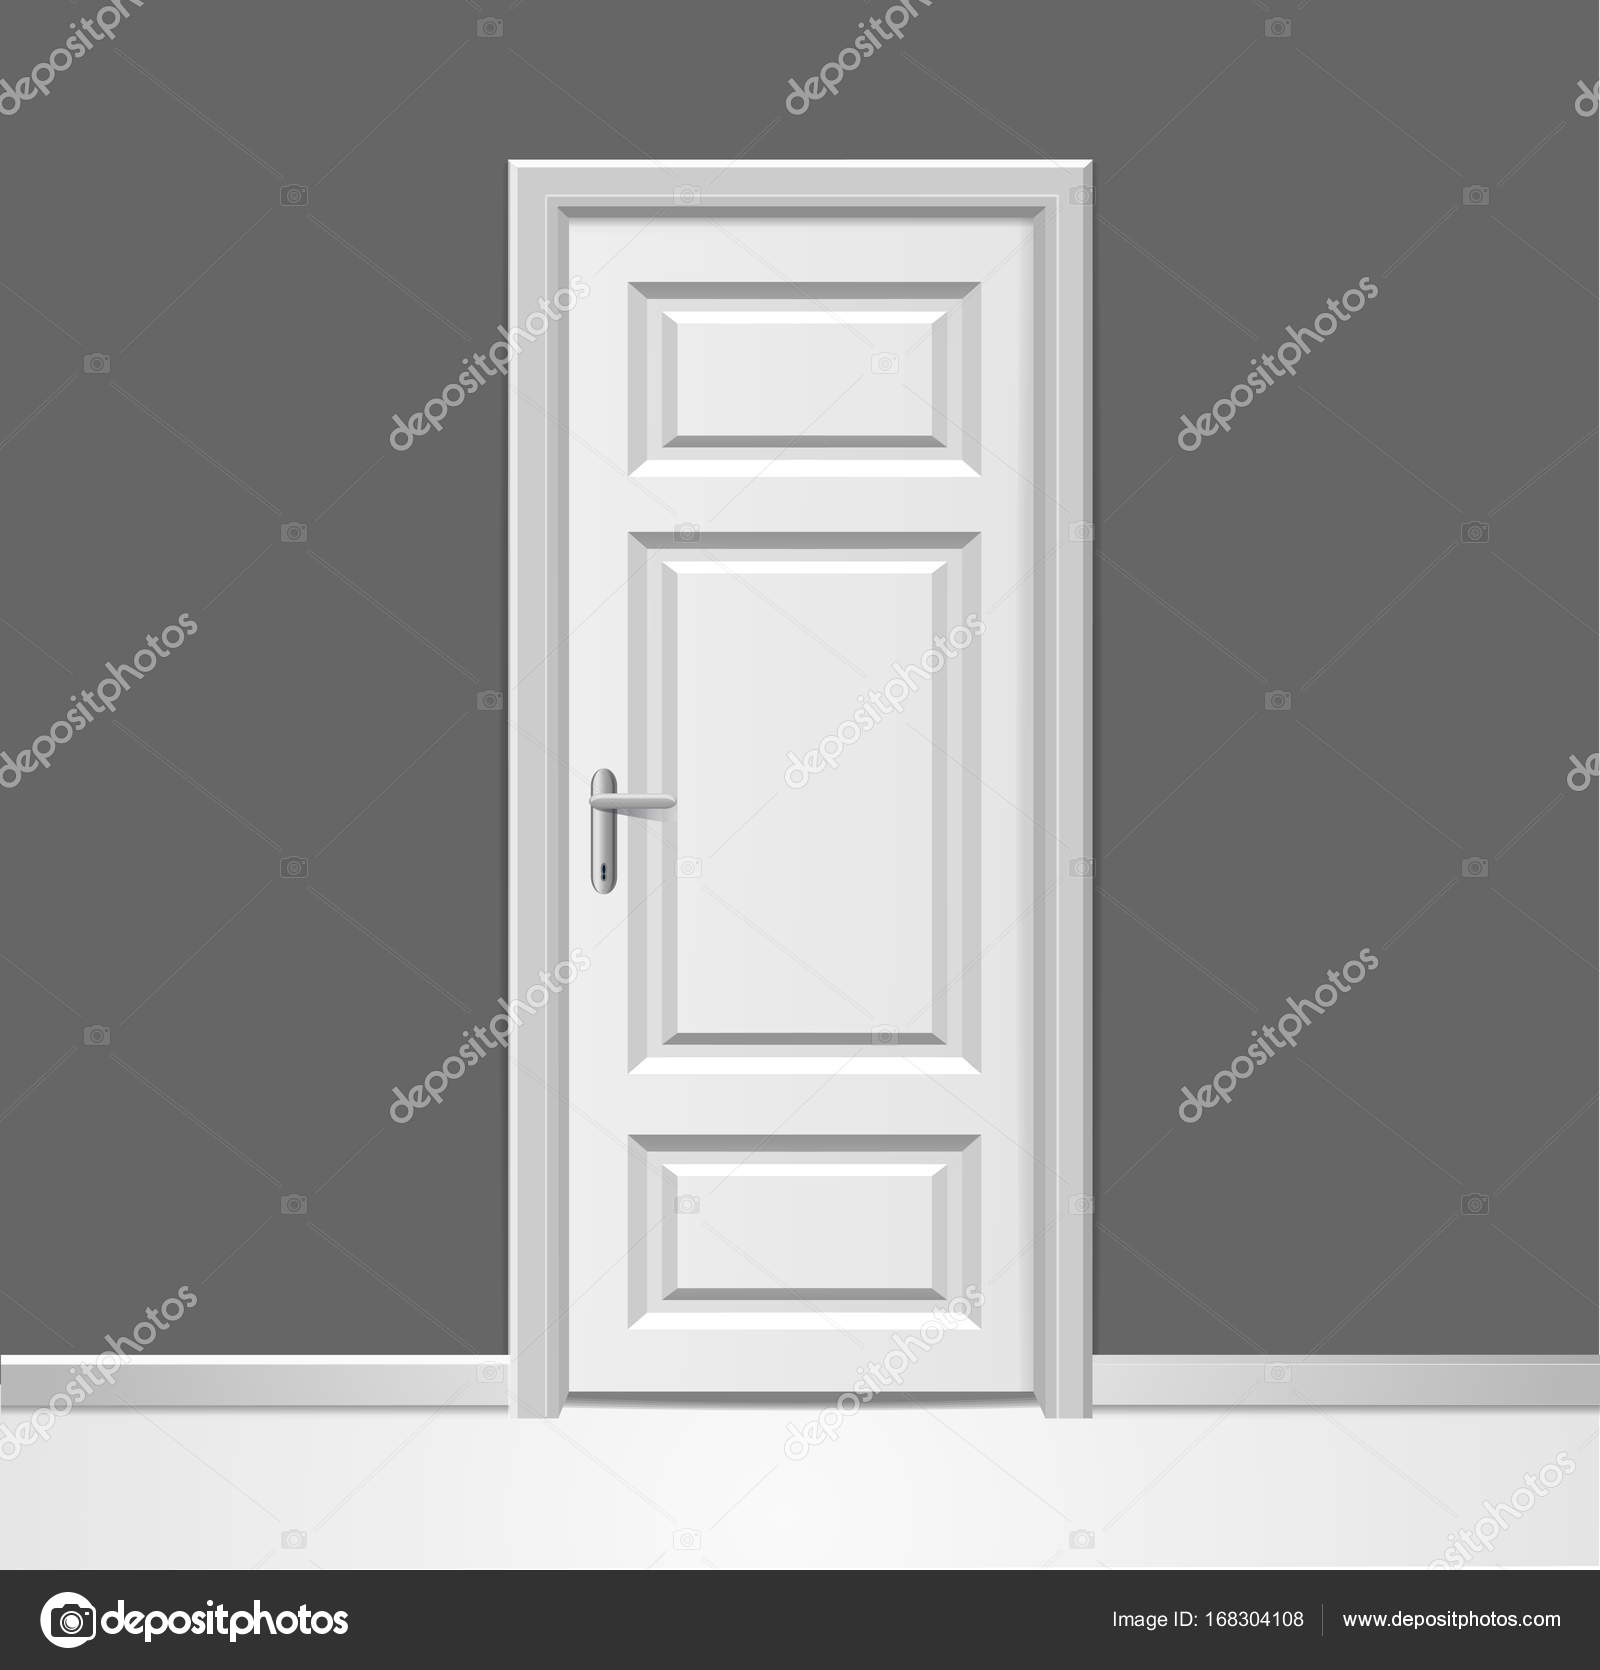 Realistische 3d geschlossene weiße Holztür mit Rahmen, Wand ...